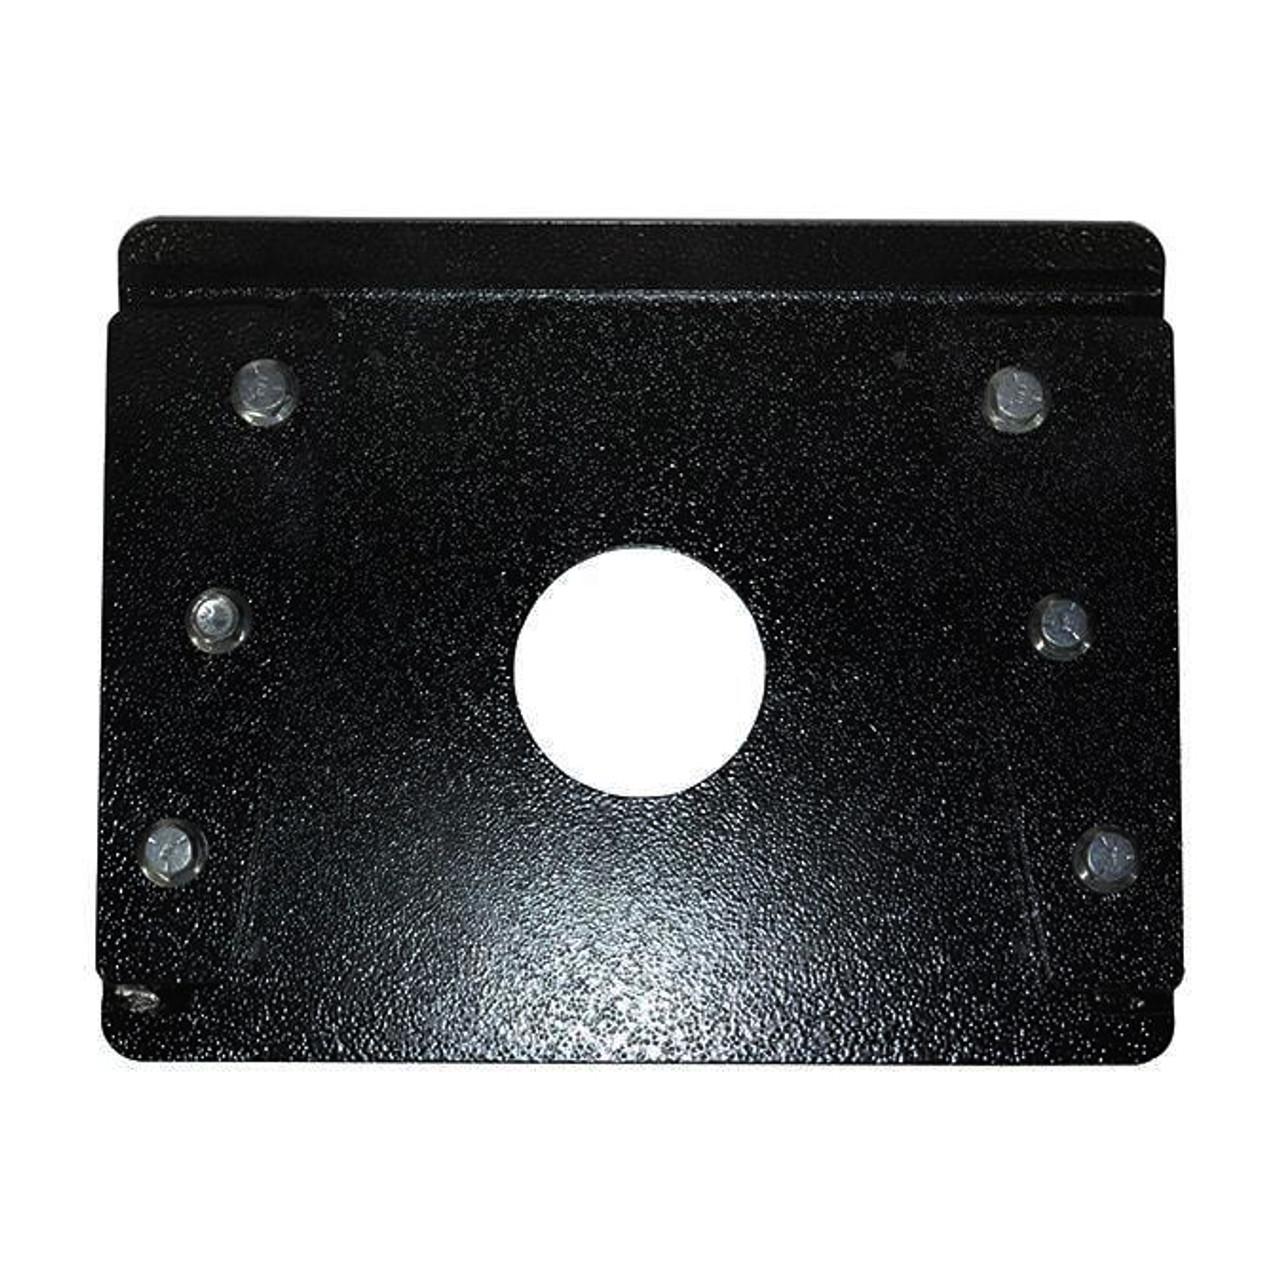 6335 --- Demco Capture Plate for Lippert Rhino Pinbox